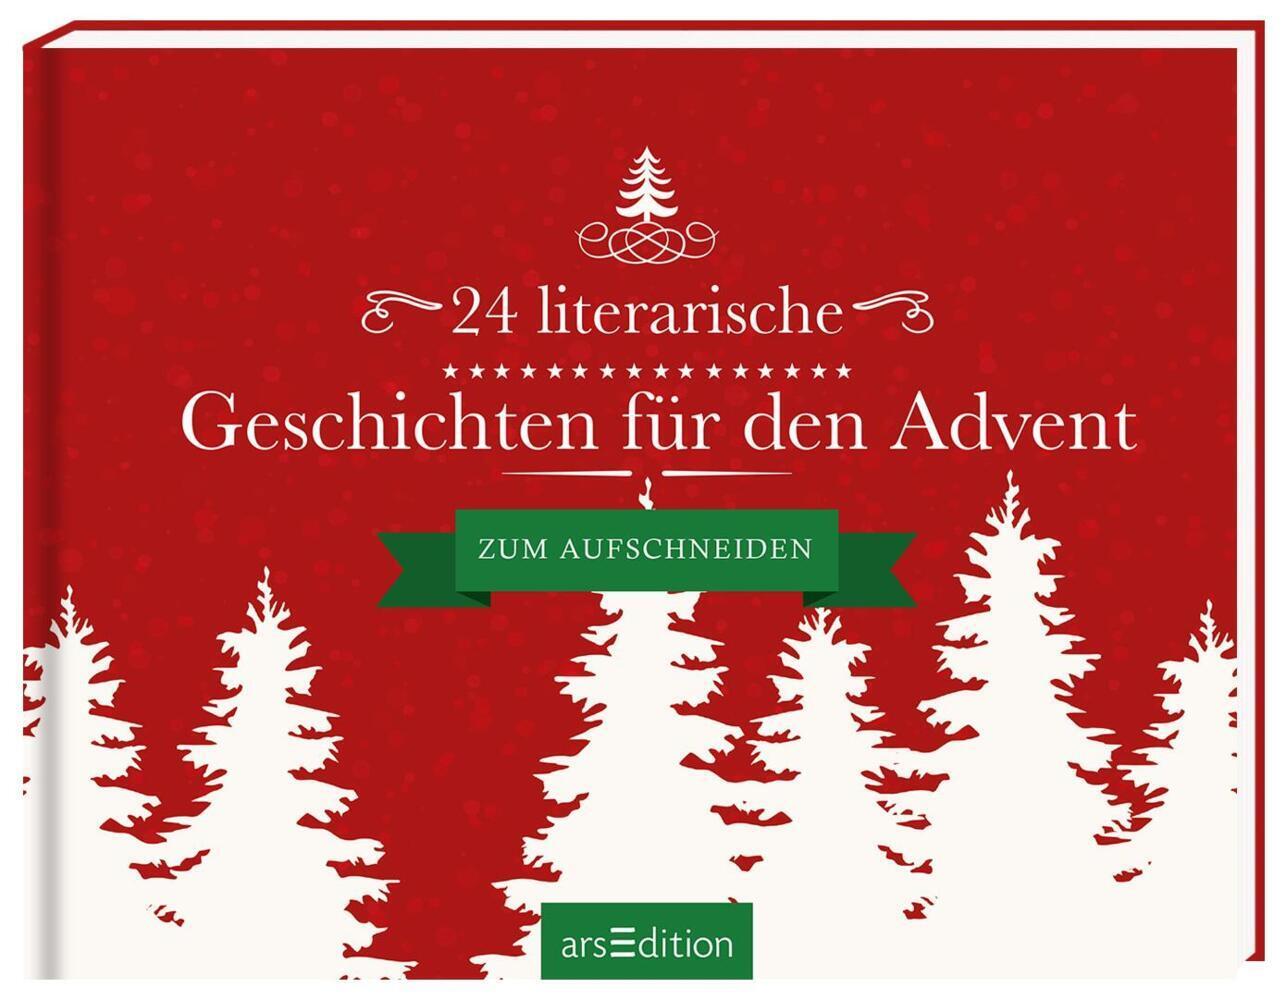 24 literarische Geschichten für den Advent als Buch (gebunden)